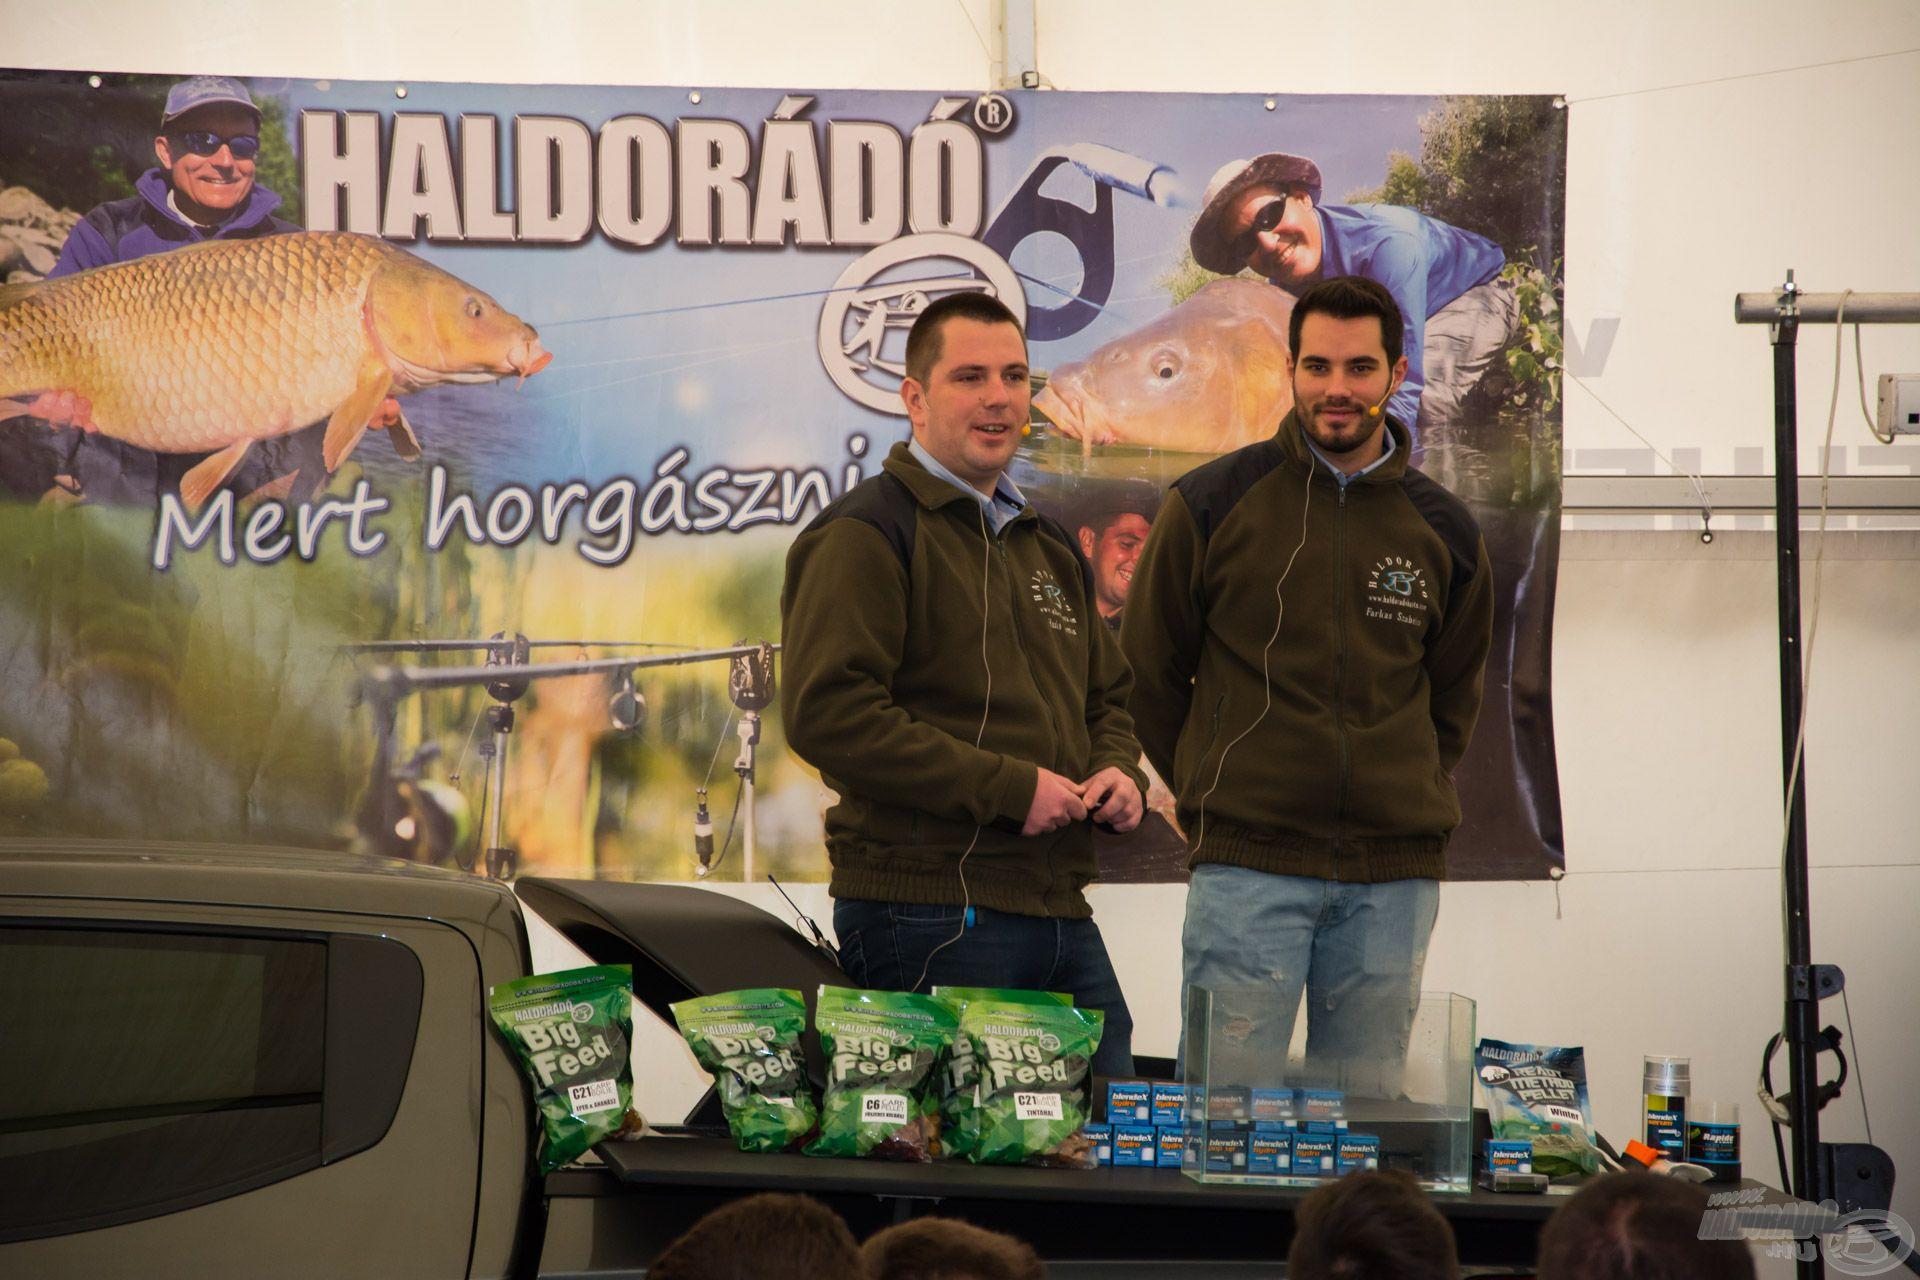 Haskó Tomi és Farkas Szabi Tippek, ötletek a rapid nagyponty-horgászathoz c. előadása 9:45-kor kezdődött